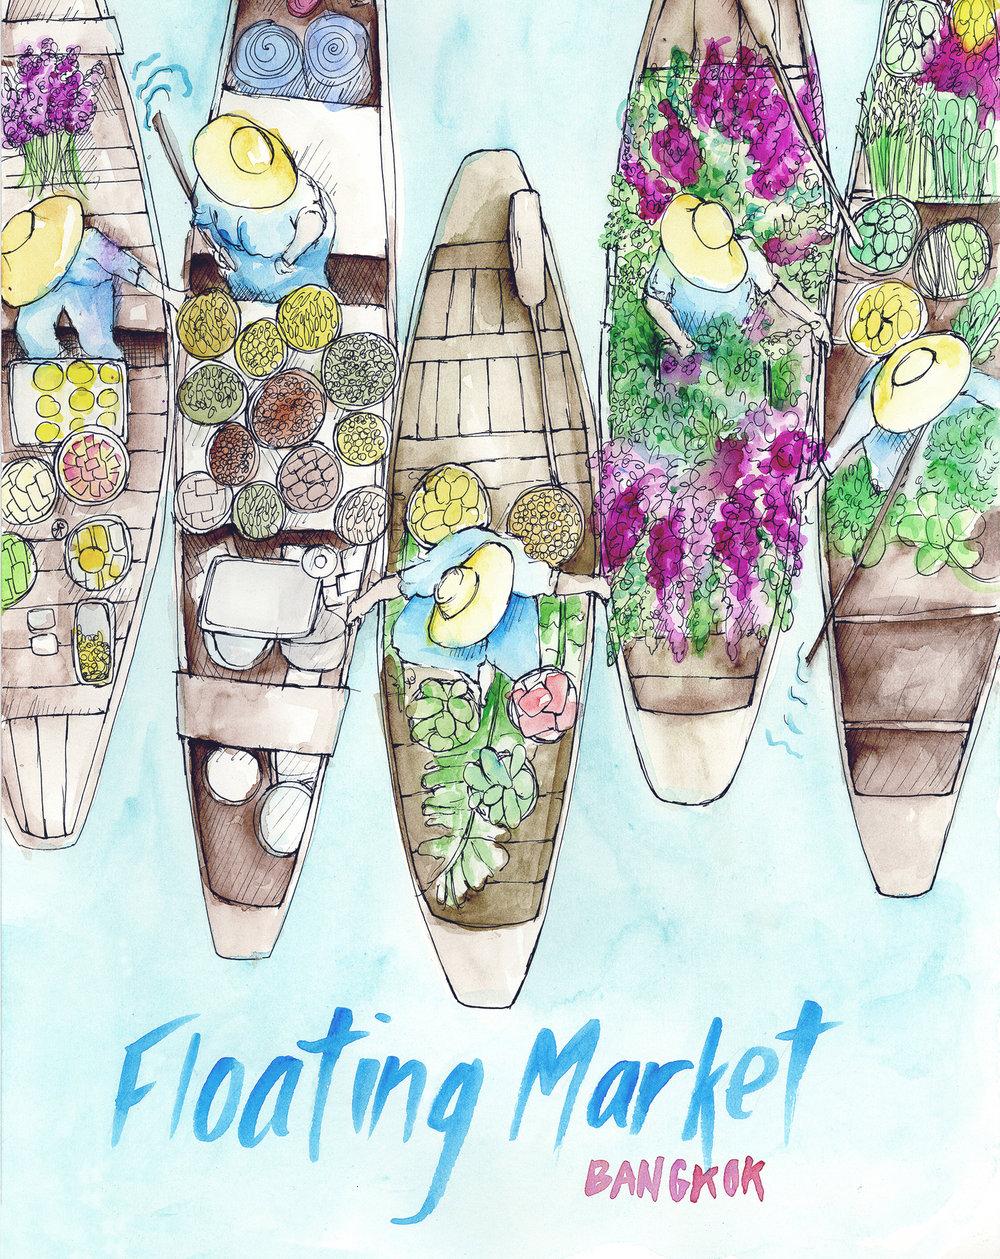 floatingmarket 2.jpg